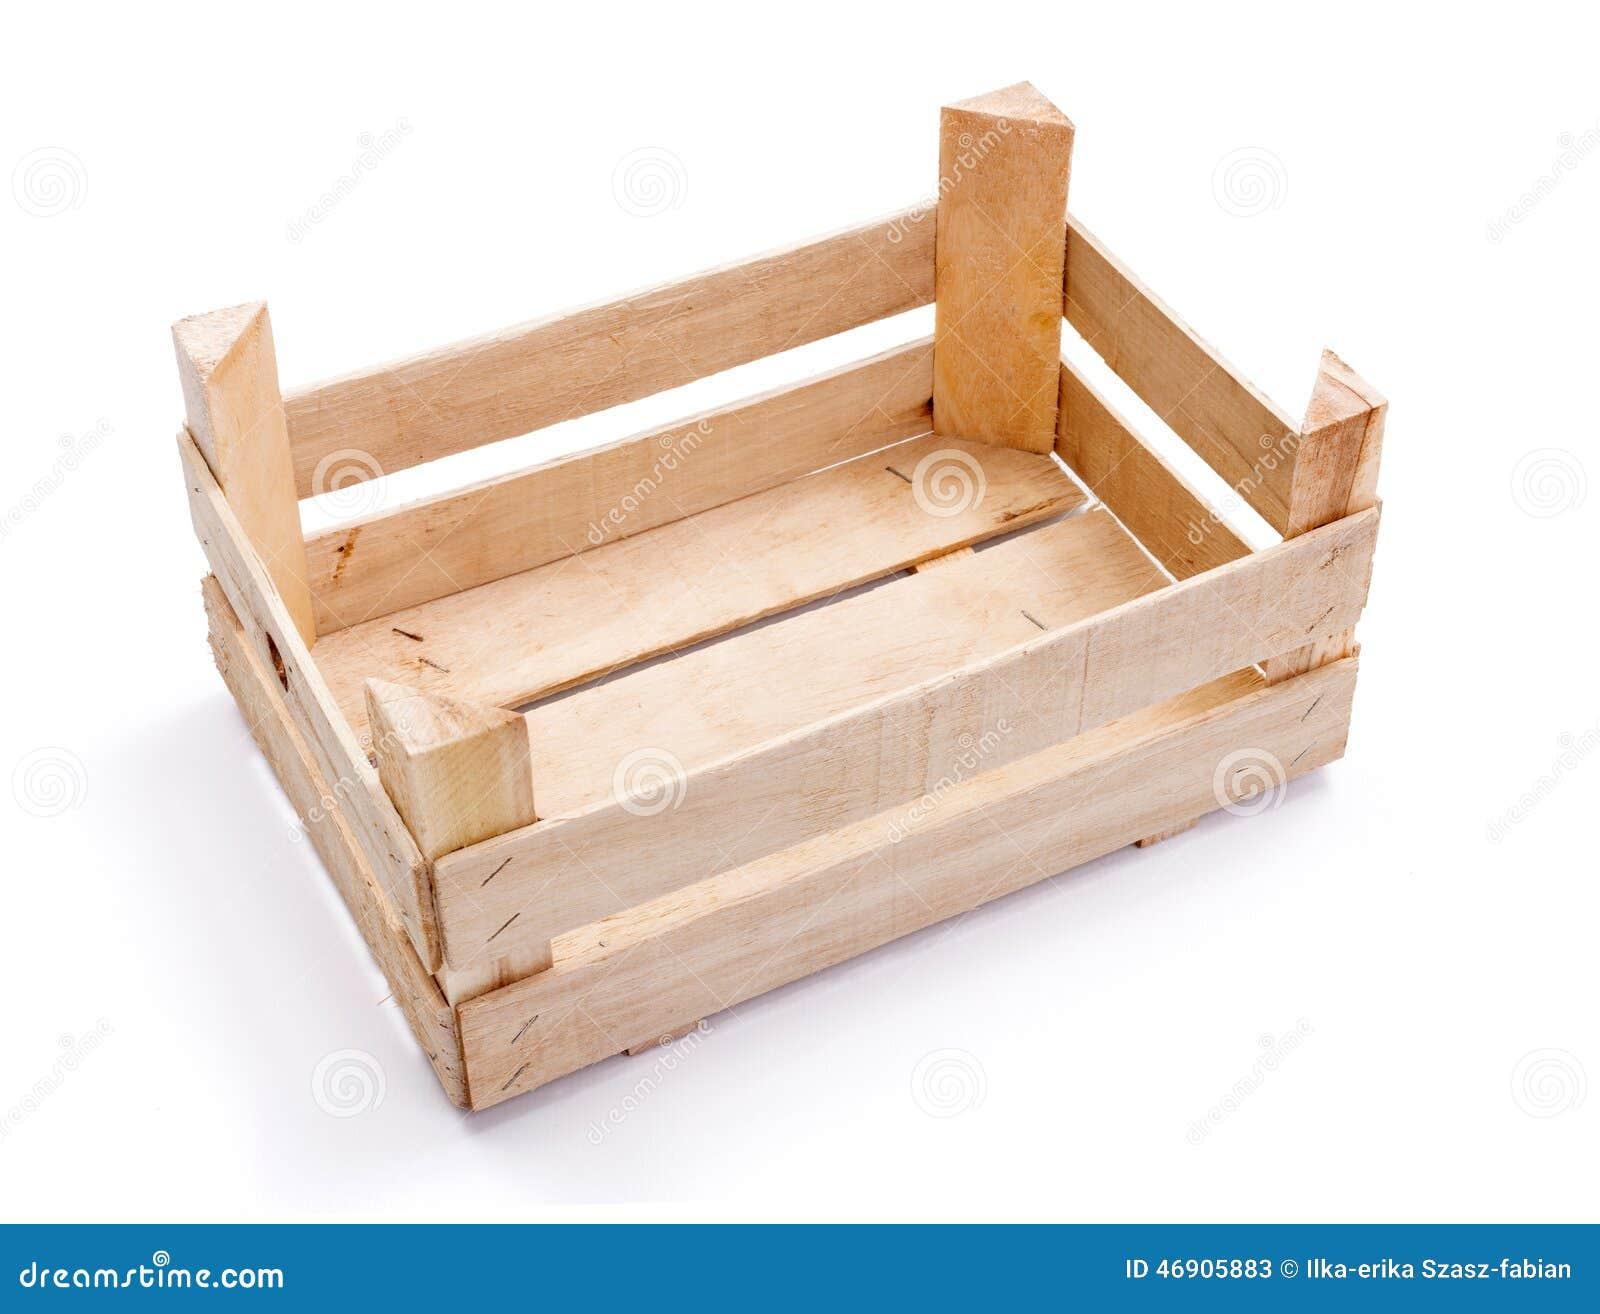 caisse vide pour des fruits et l gumes photo stock image 46905883. Black Bedroom Furniture Sets. Home Design Ideas